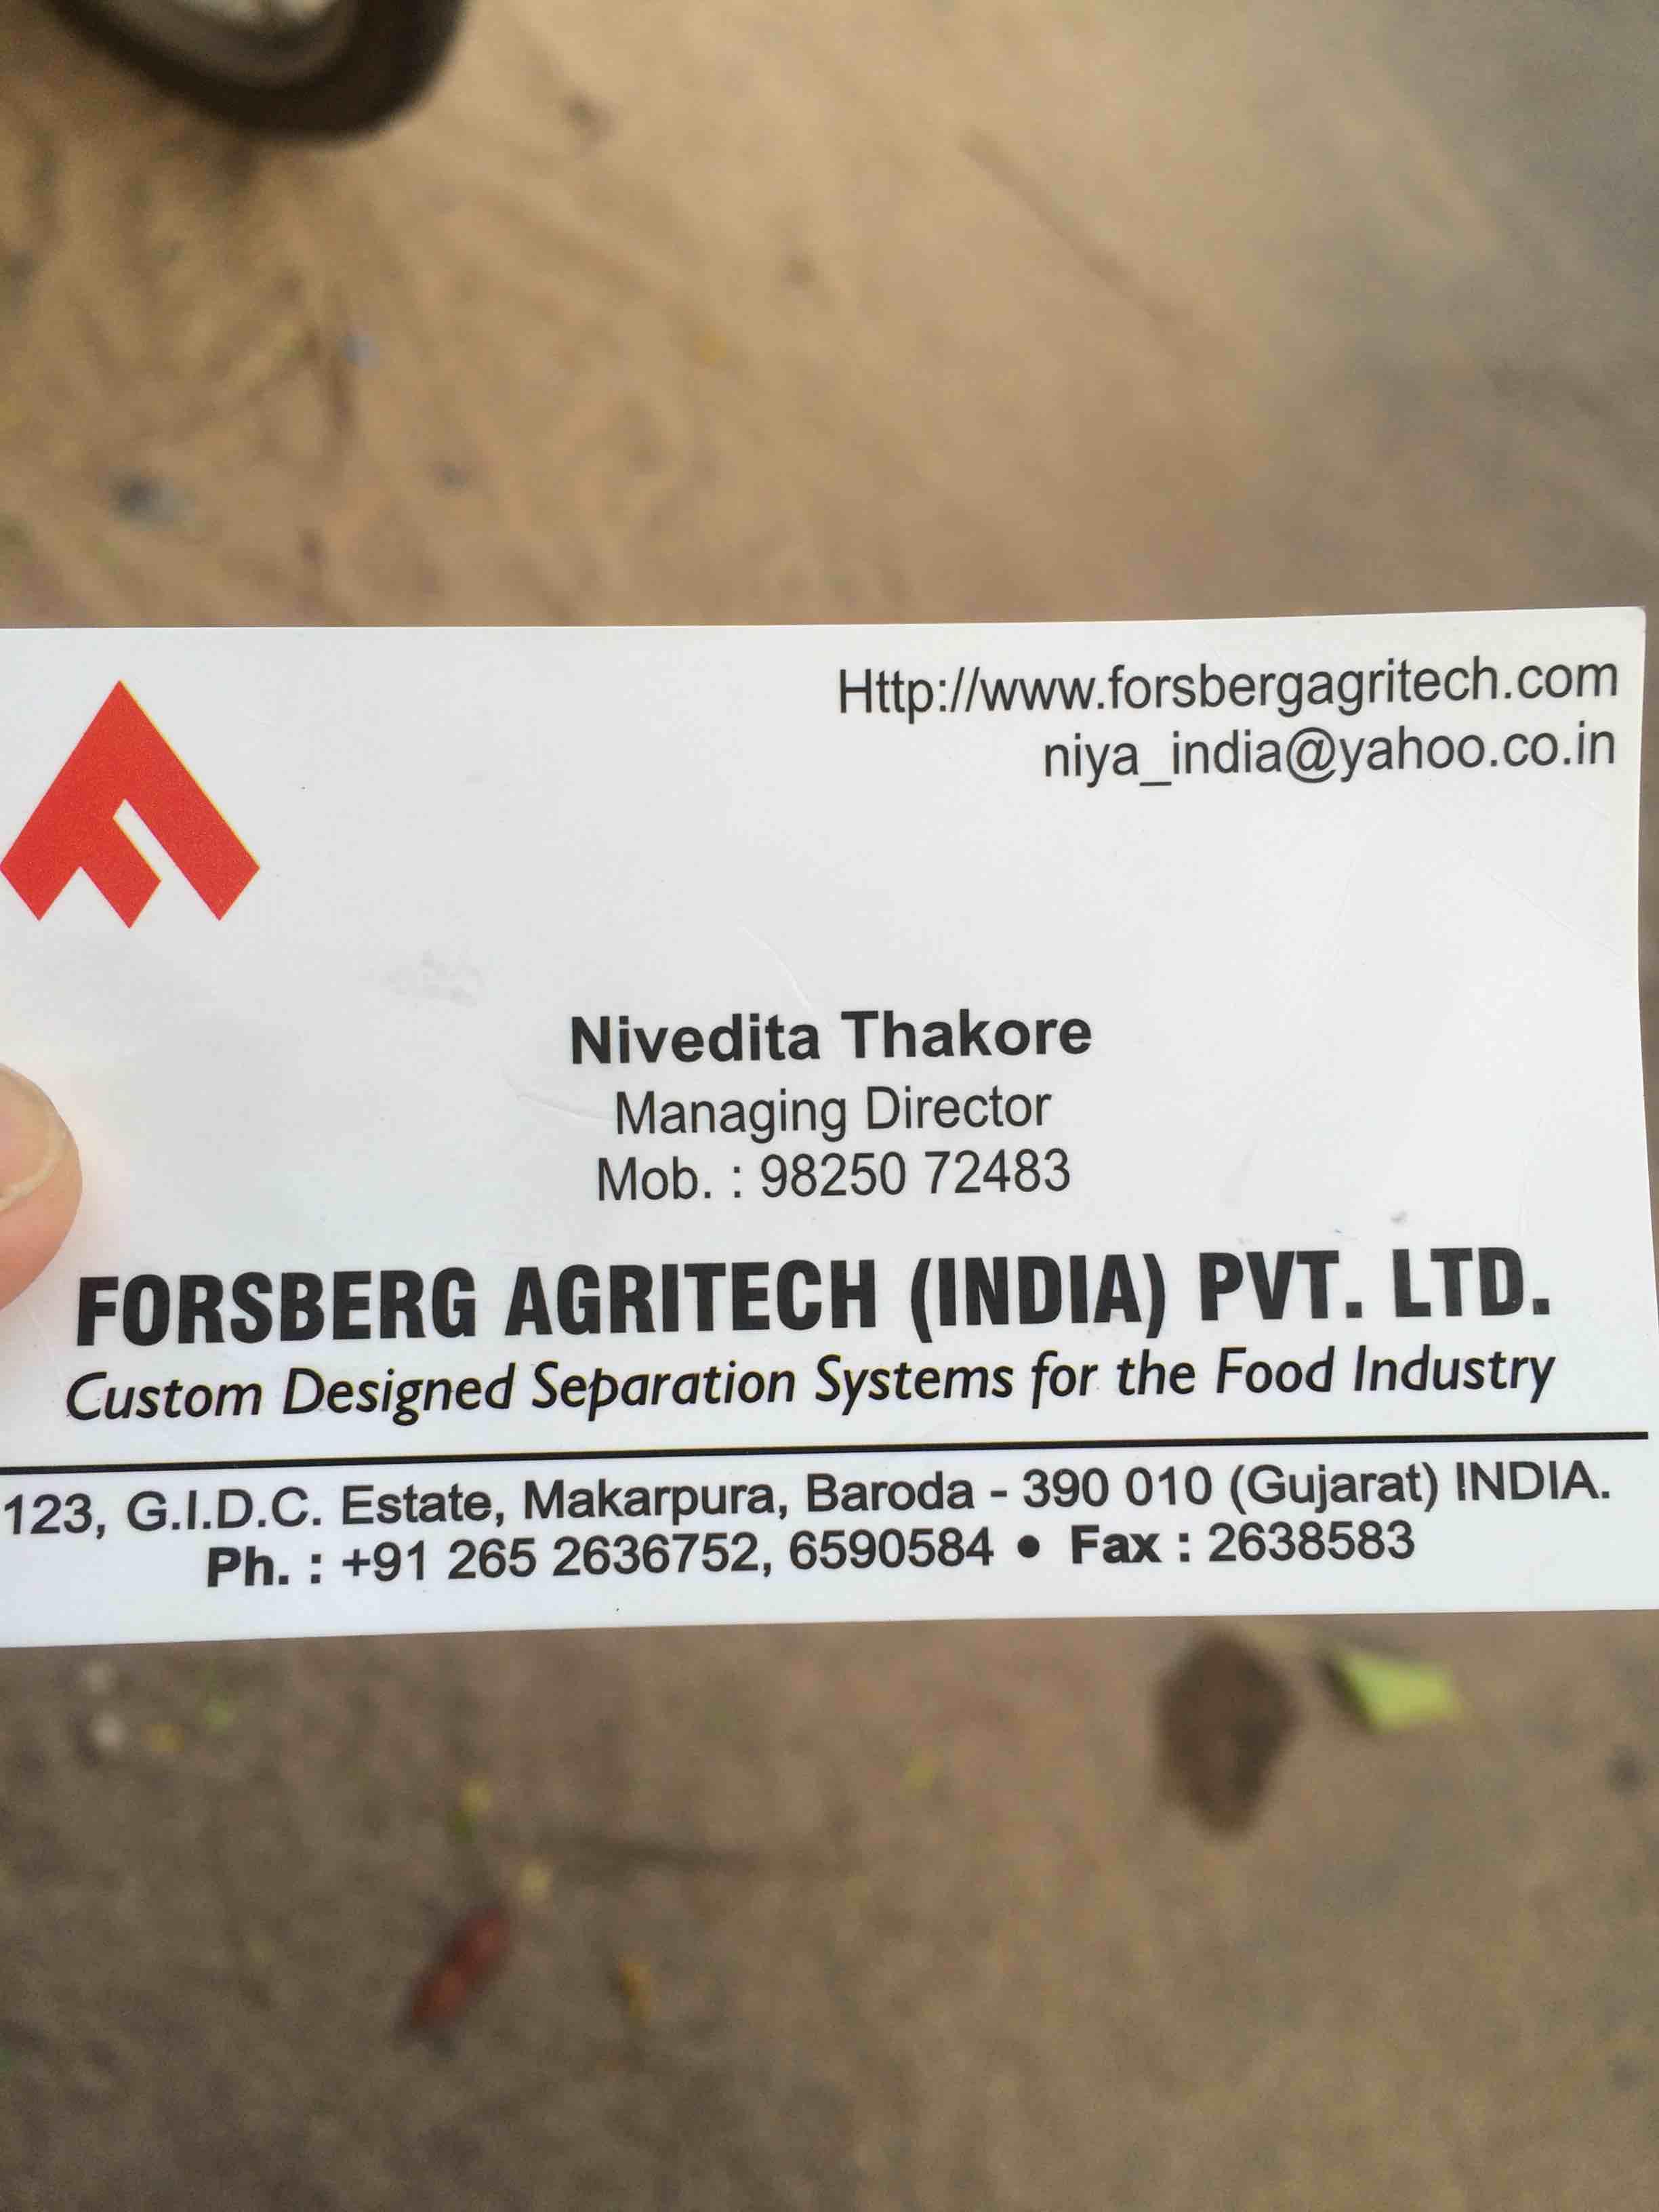 Forsberg Agritech (India) Pvt Ltd